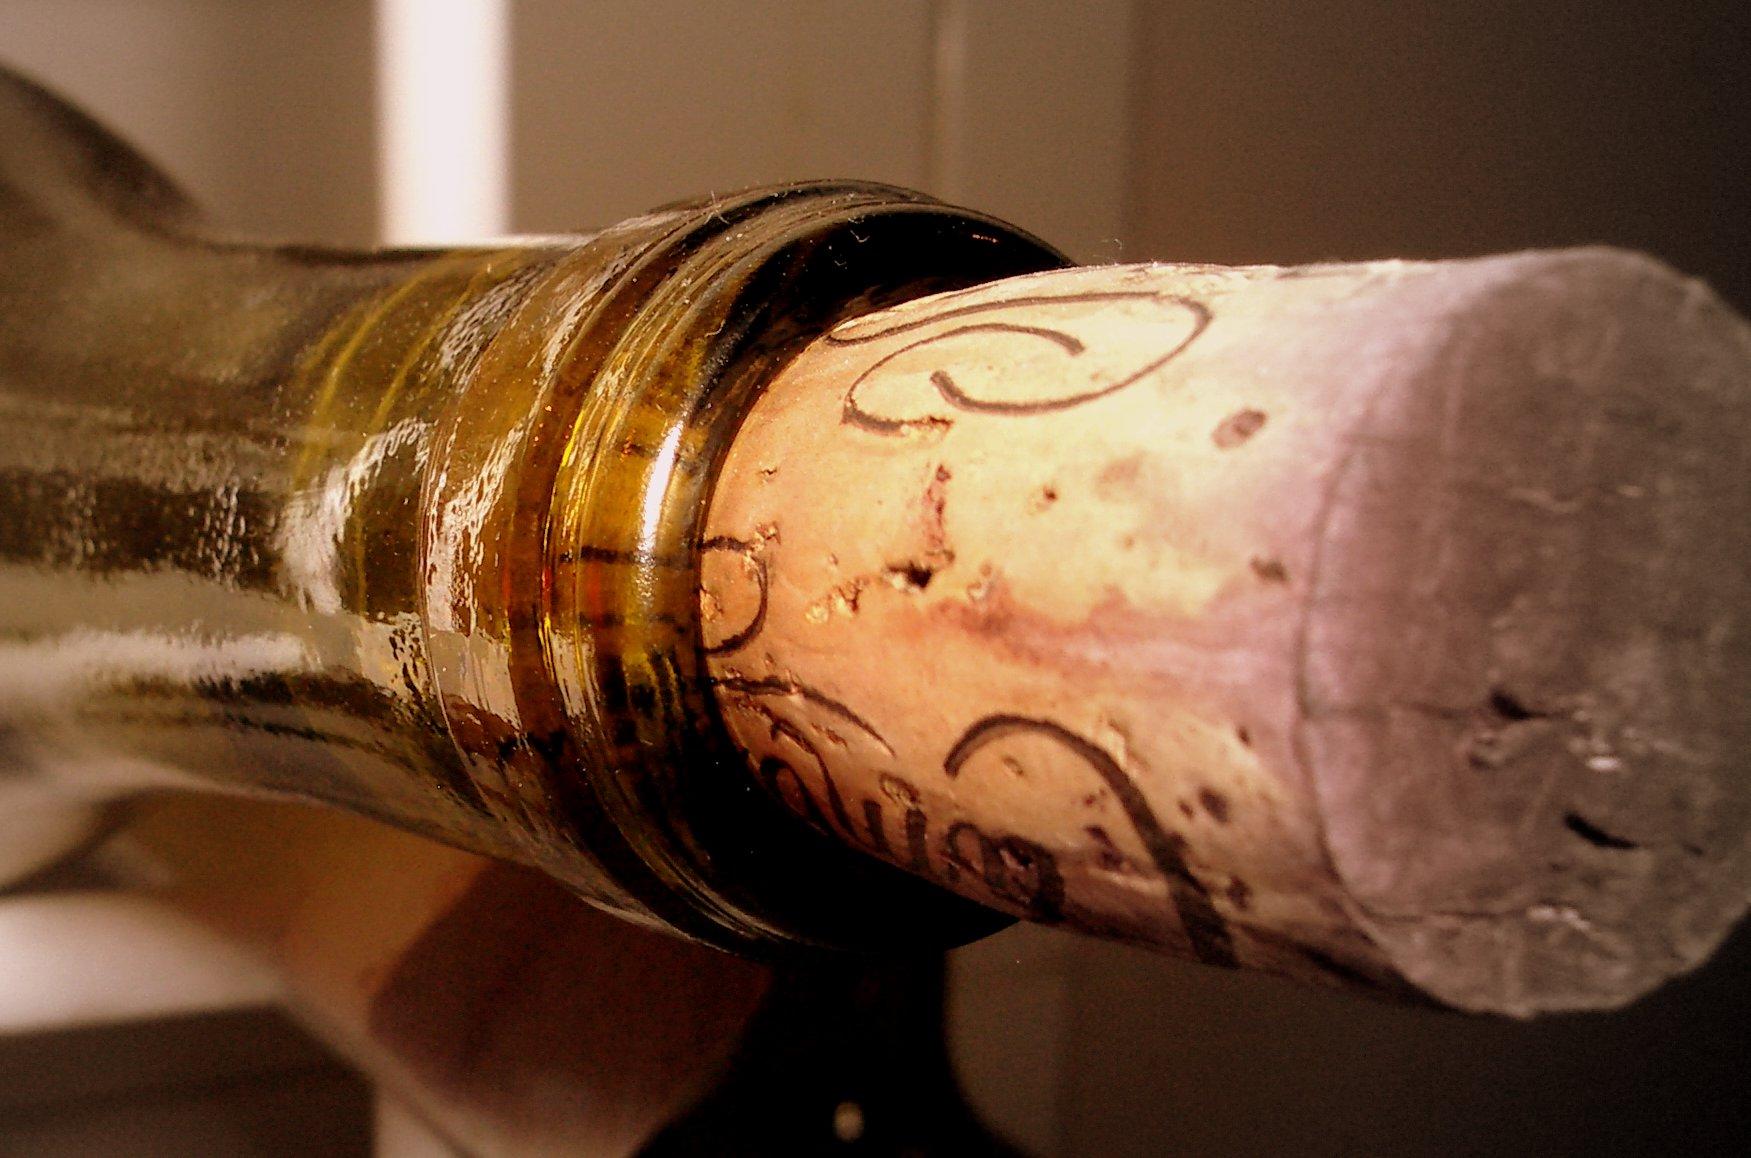 Смотреть онлайн засовывать бутылки 14 фотография